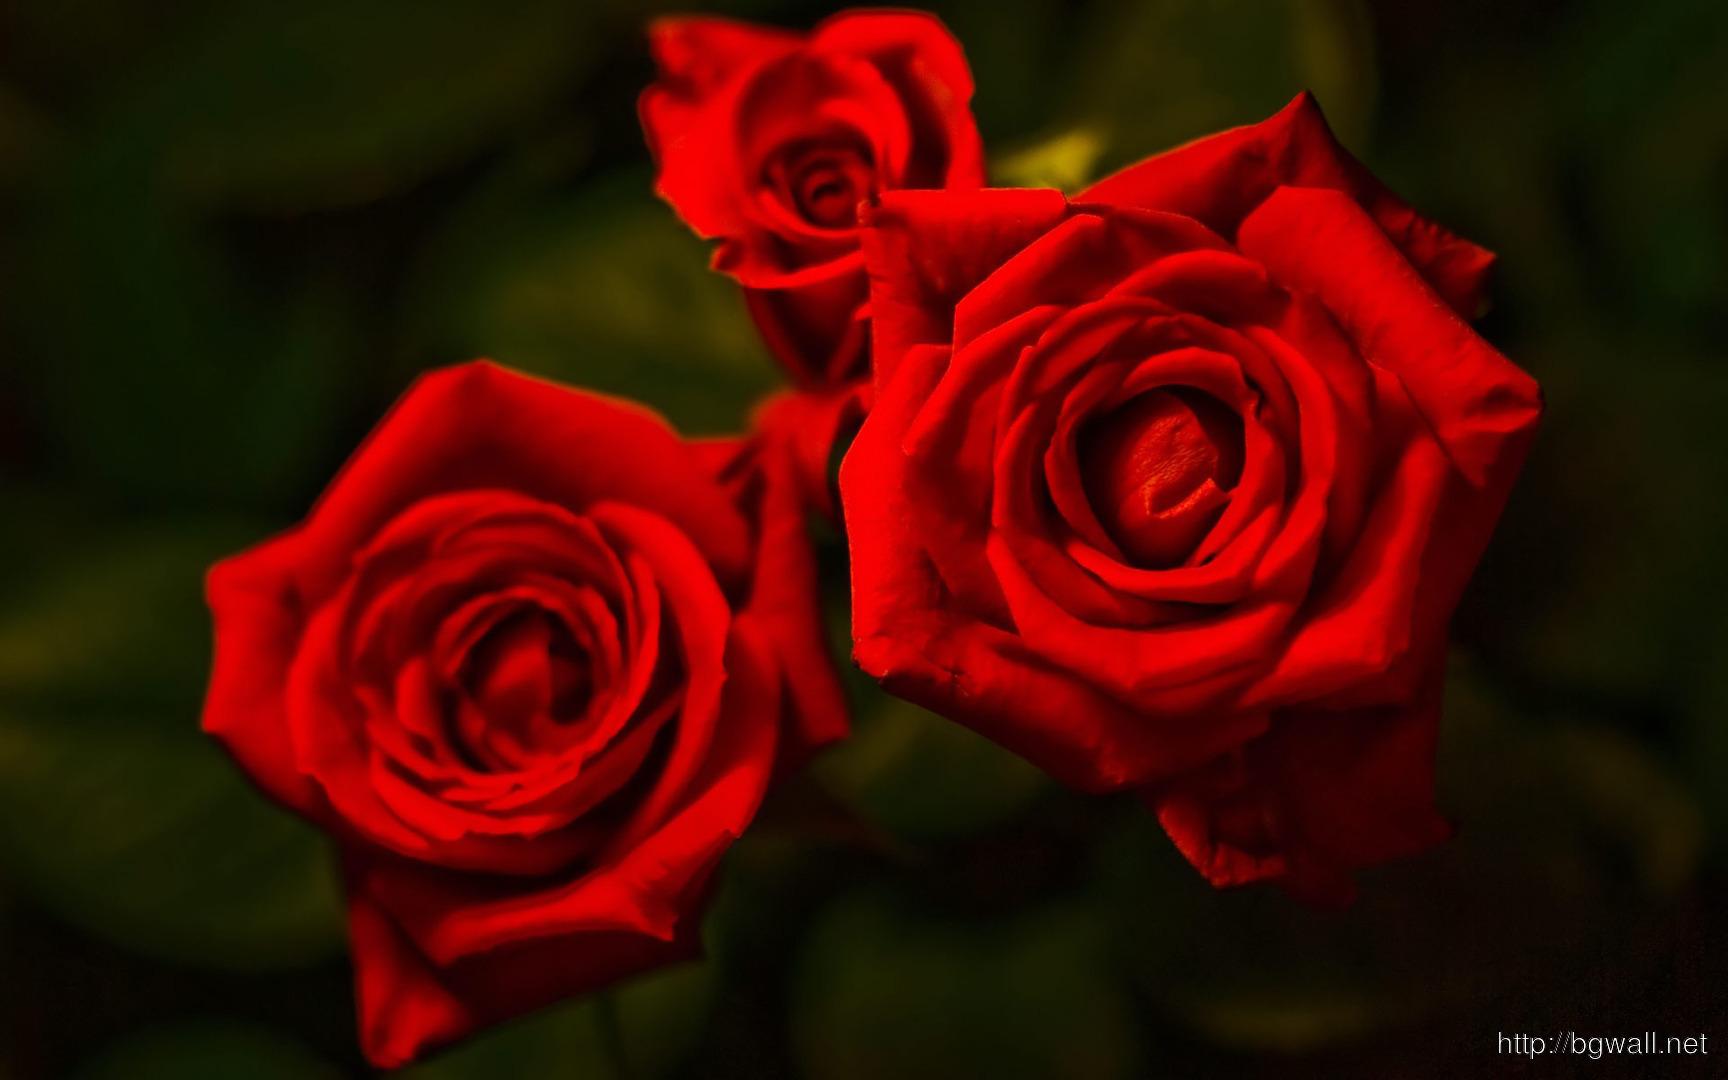 Red Roses Wallpaper 889 Full Size